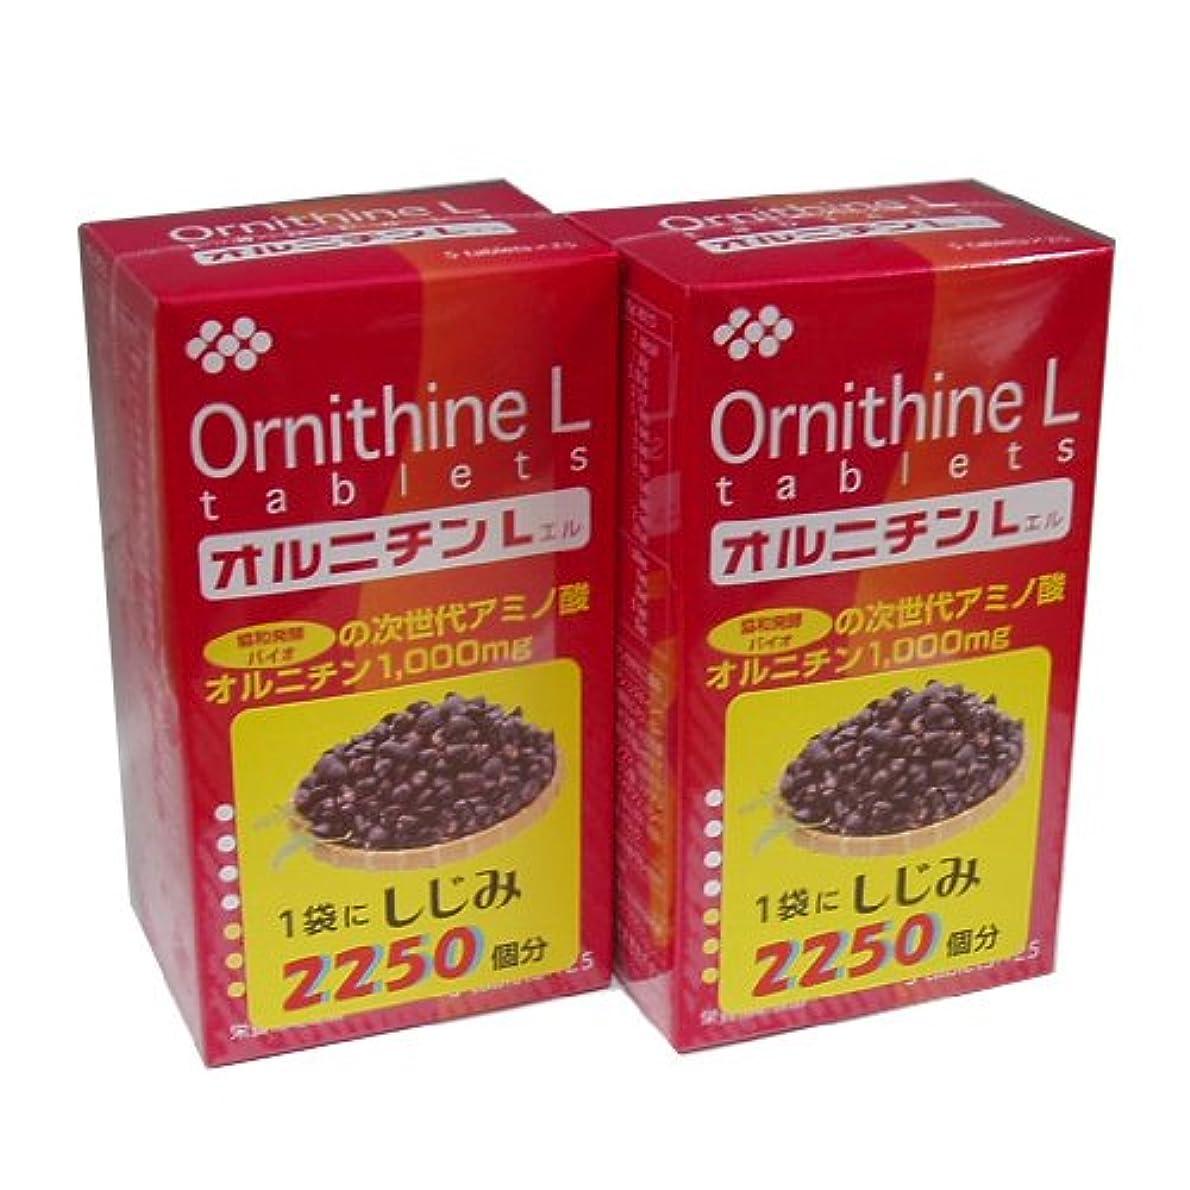 塗抹小道プロット伸和製薬オルニチンL (5粒×25袋)×2個セット